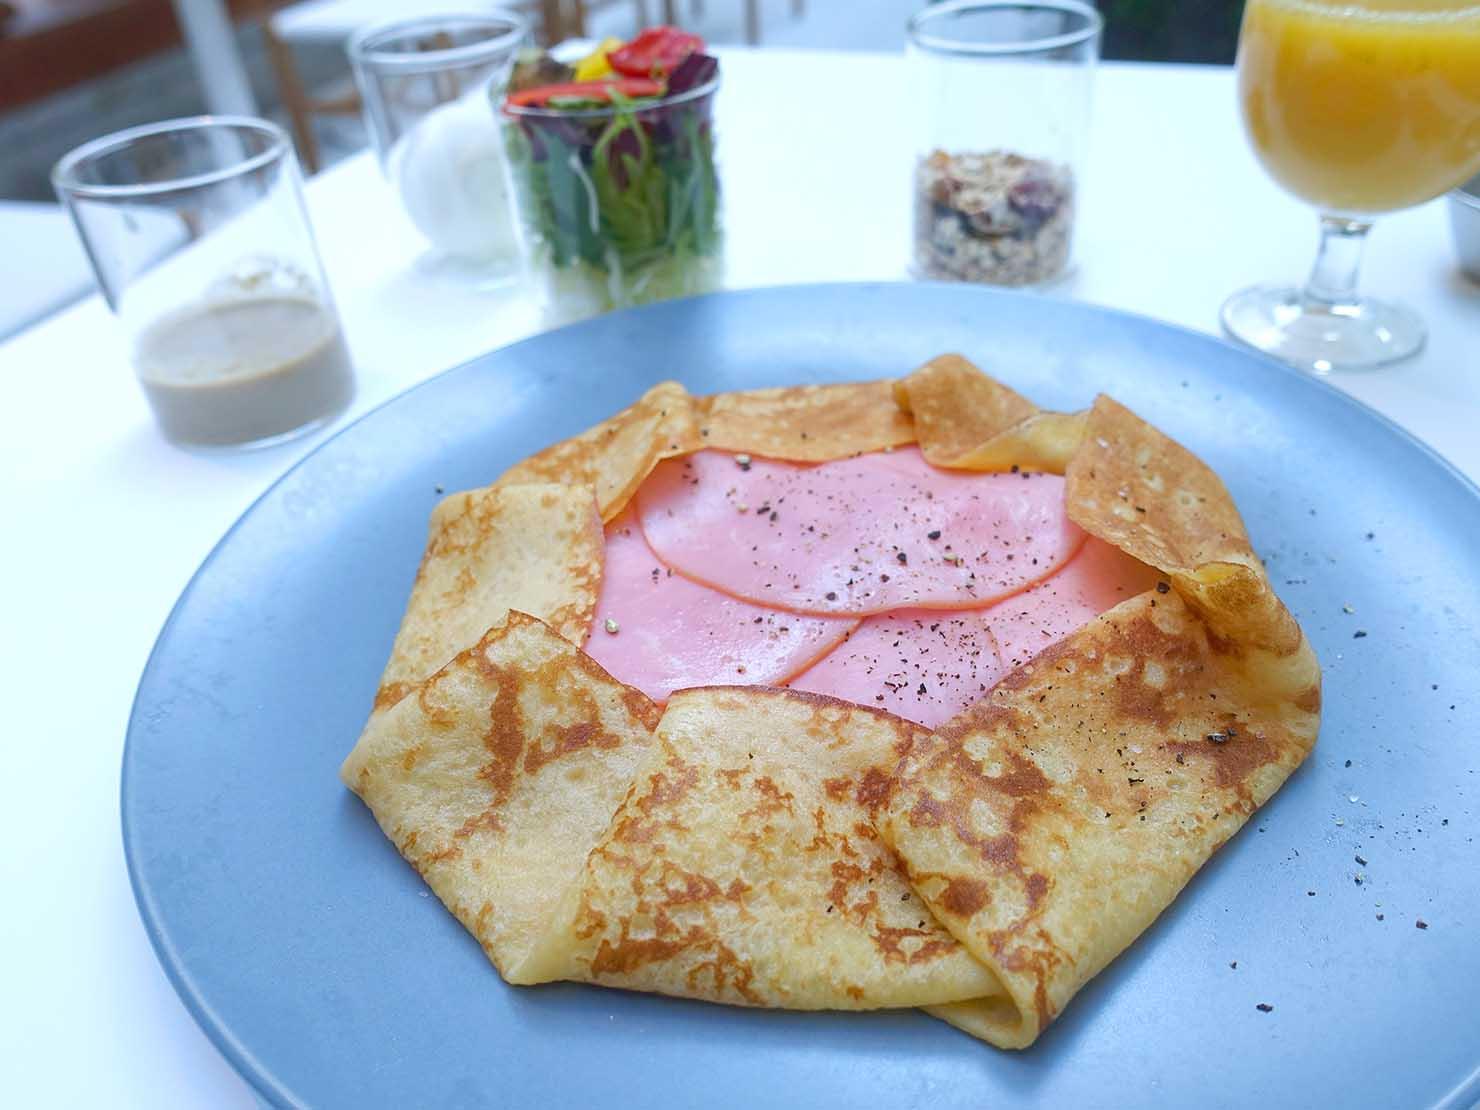 広島・八丁堀のおしゃれなリノベホテル「KIRO広島 The Share Hotels」のダイニング・THE POOLSIDEの朝食クレープ